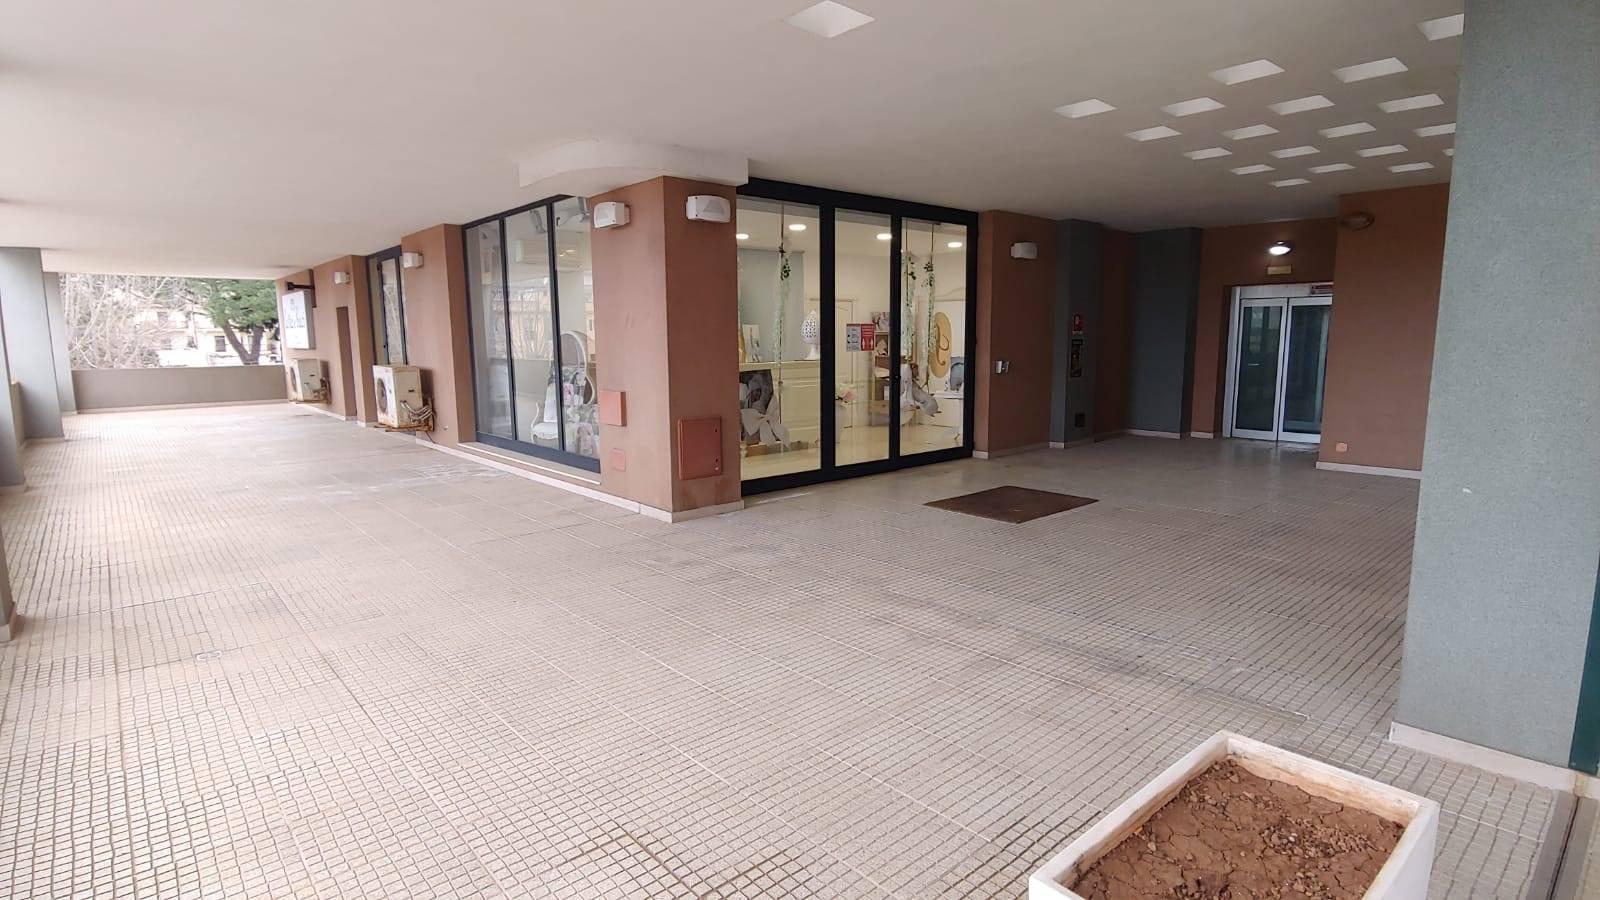 Negozio / Locale in affitto a Martina Franca, 9999 locali, prezzo € 1.700 | CambioCasa.it